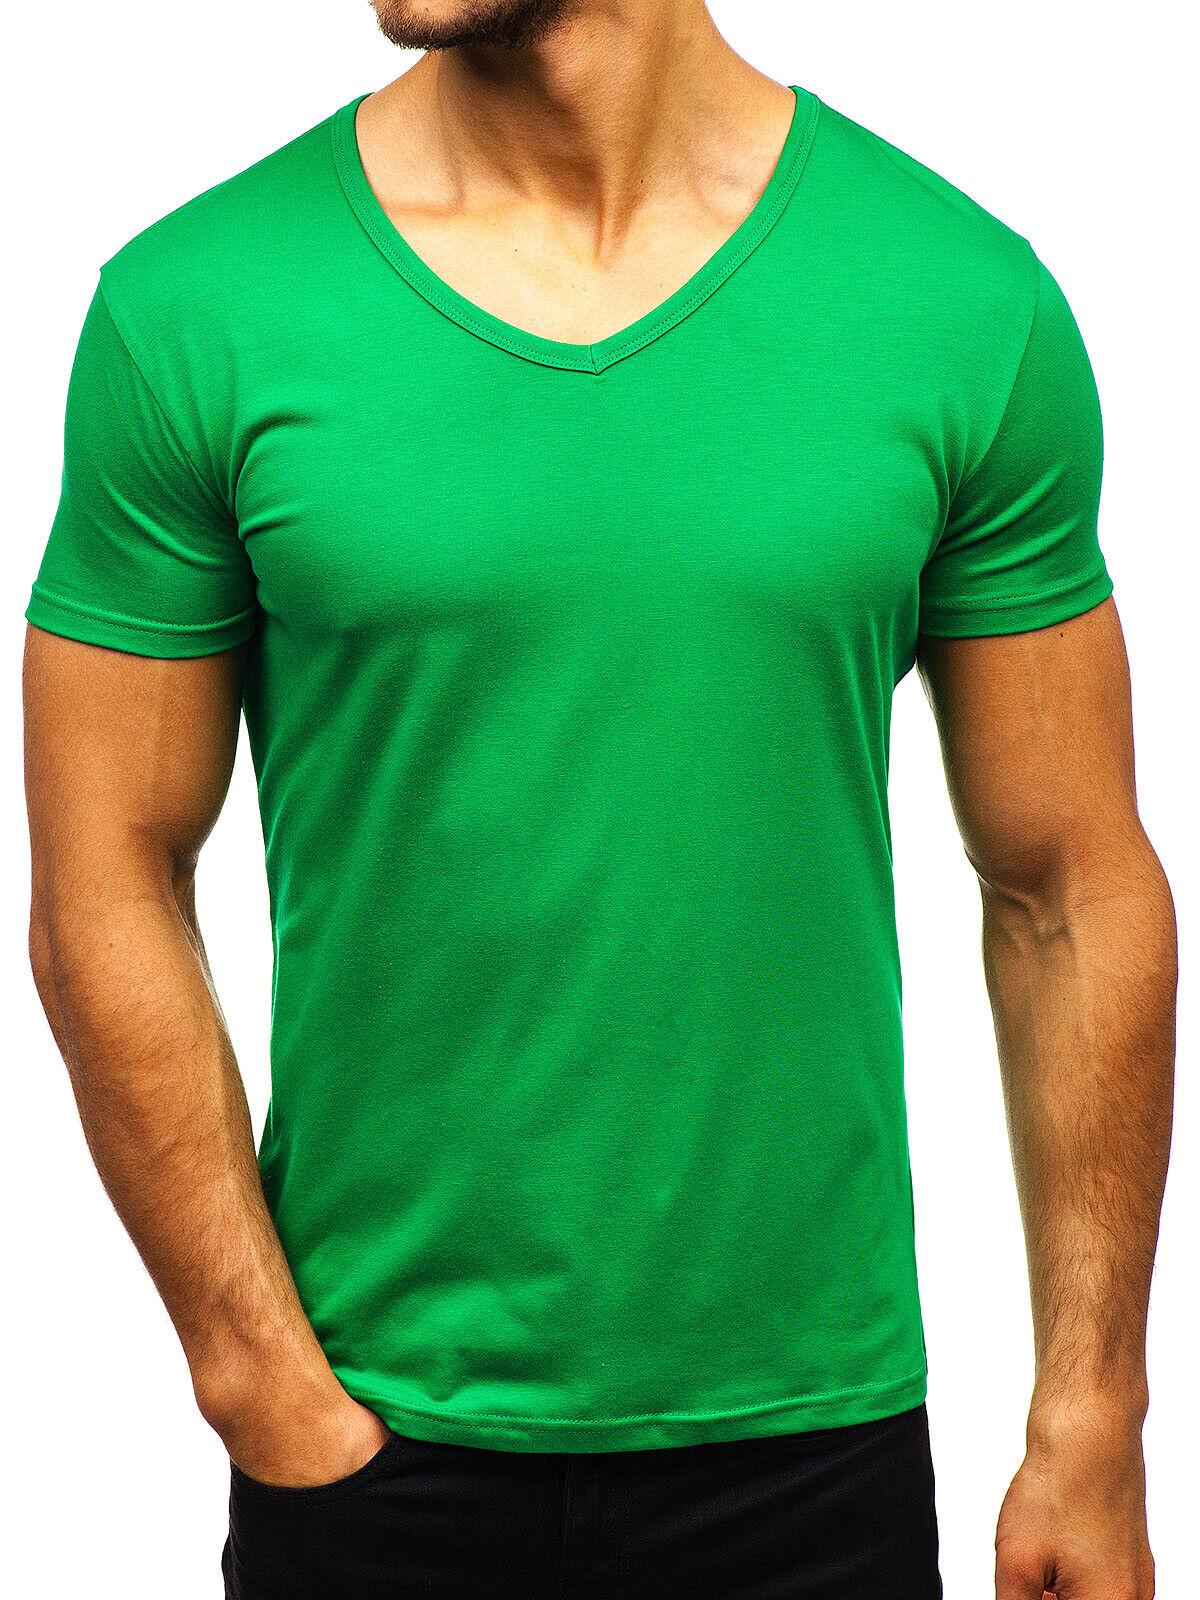 T-Shirt Tee Kurzarm V-Ausschnitt Classic Casual Unifarben Herren BOLF 3C3 Basic